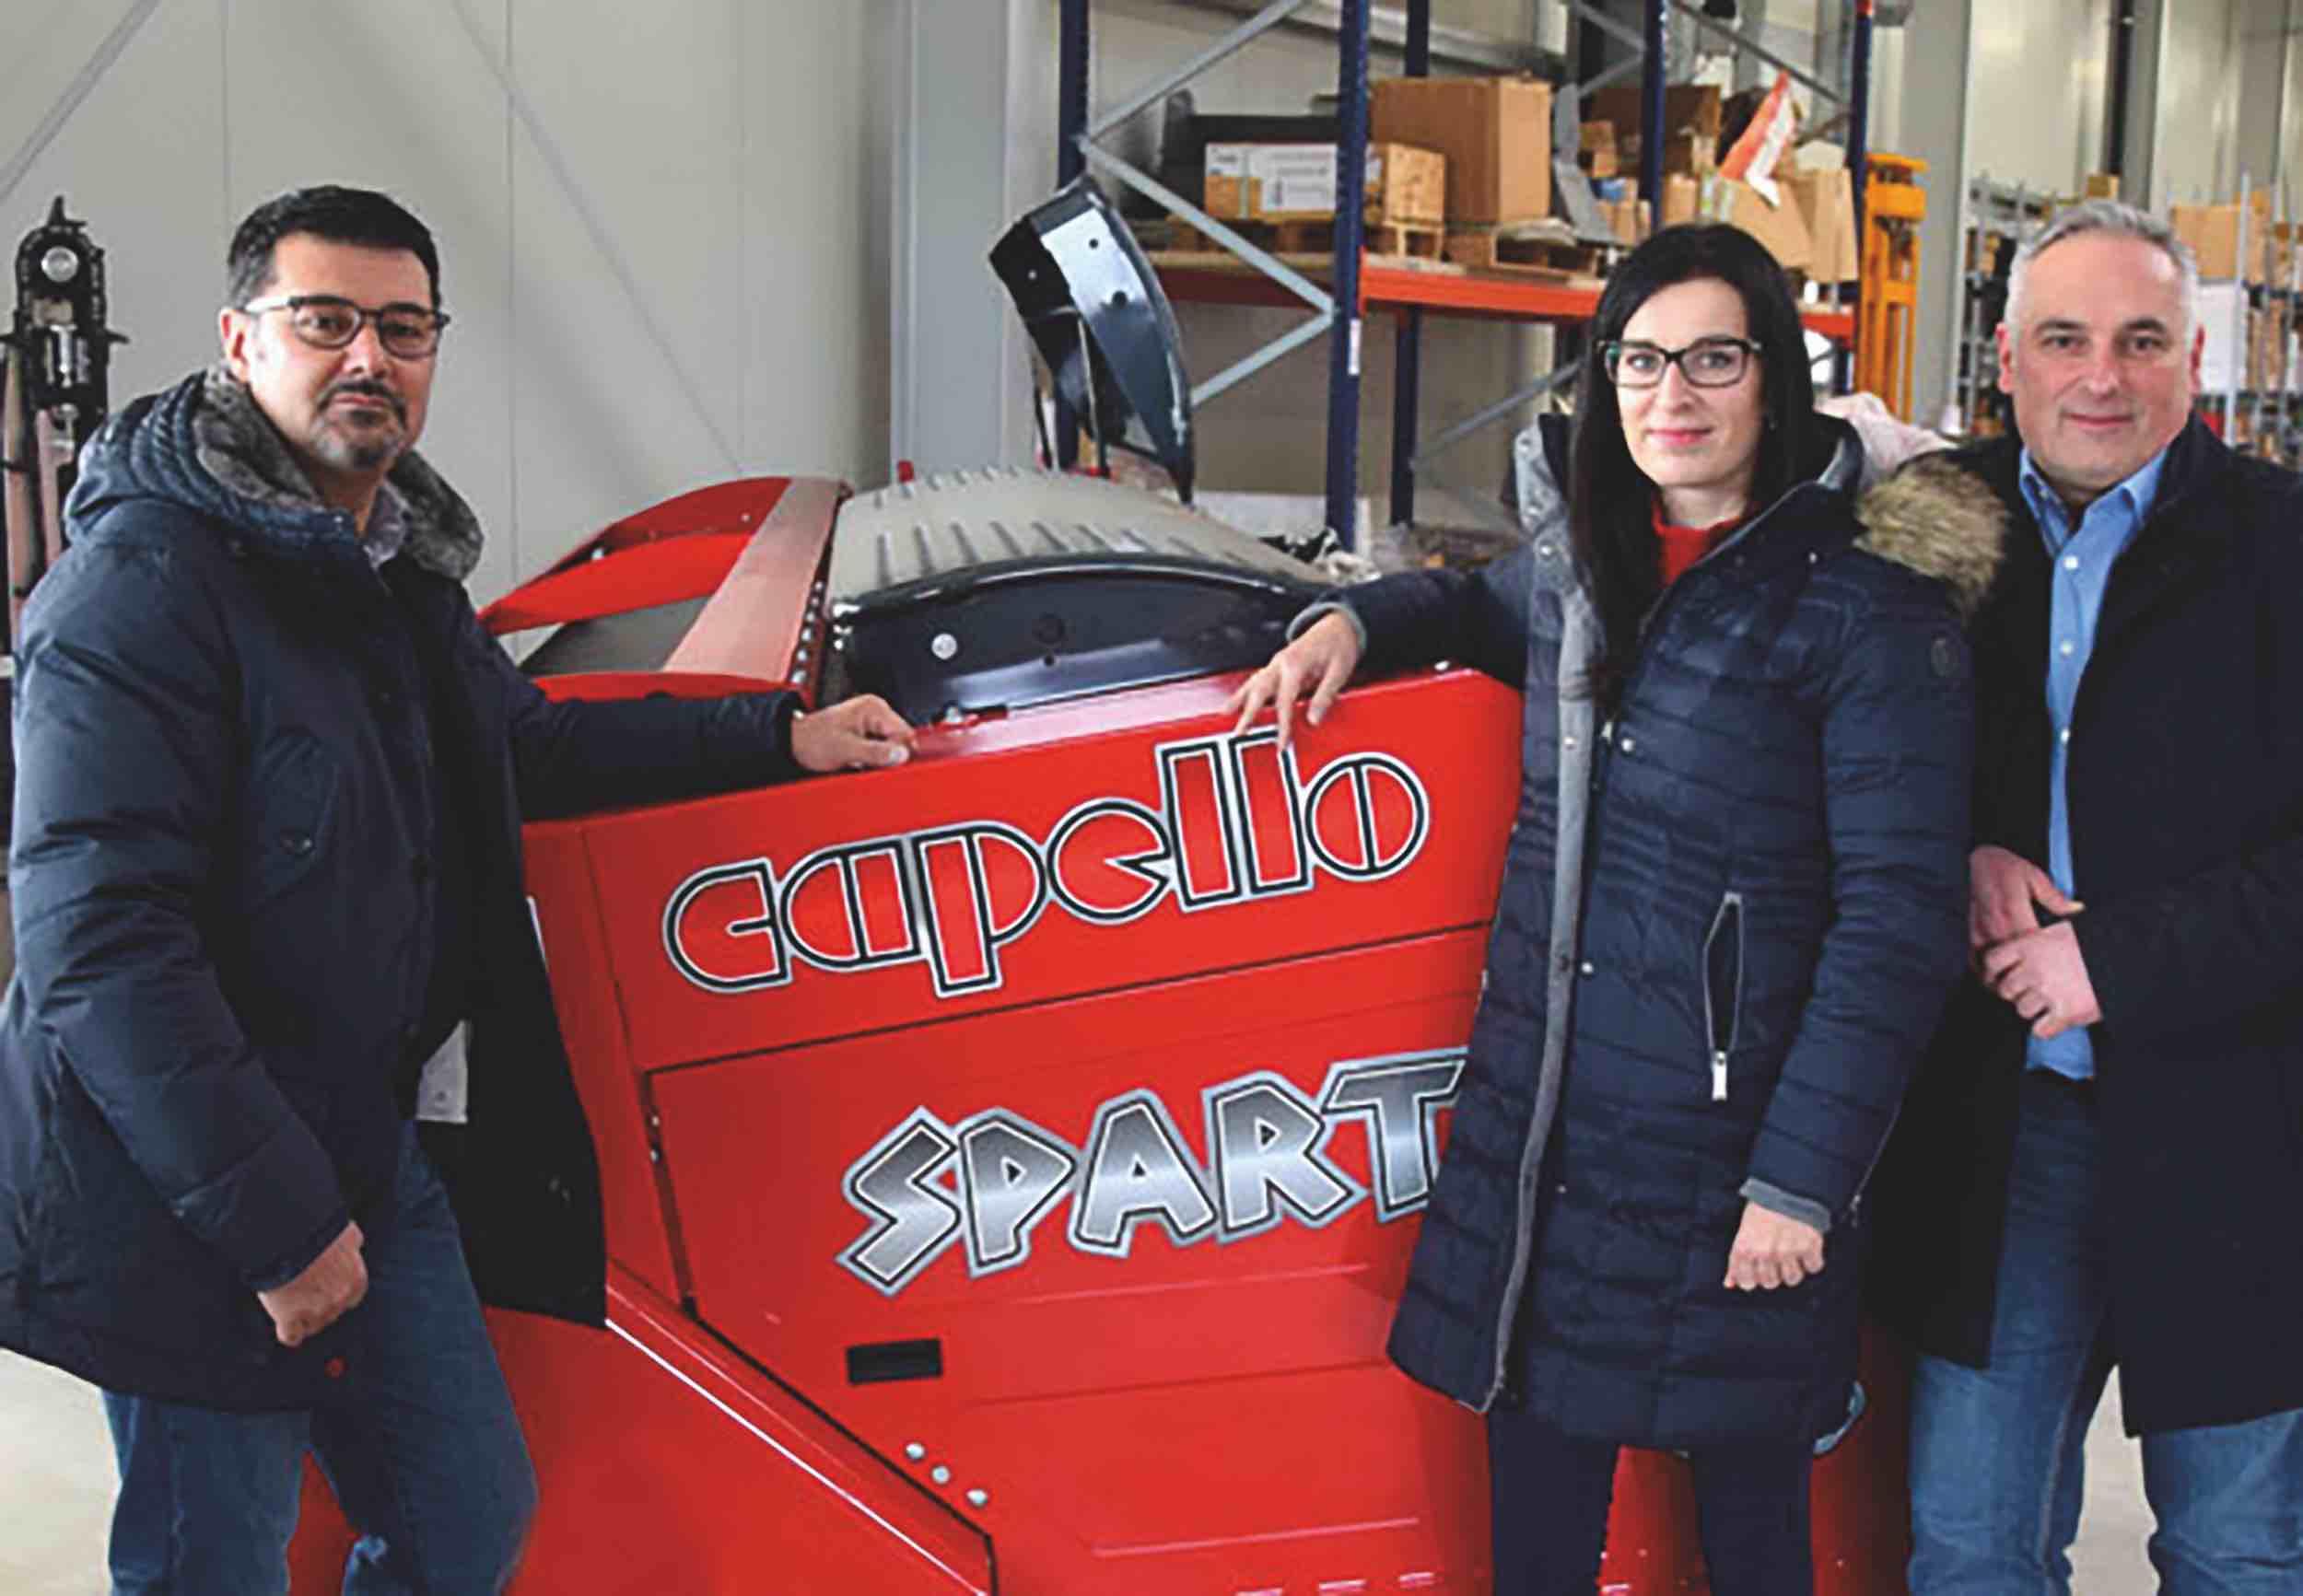 Da sinistra, Alberto Capello, responsabile strategie mercato Capello, Martina Suchankova, direttore commerciale Capello Germania e Pietro Vitale, amministratore delegato Capello Germania.